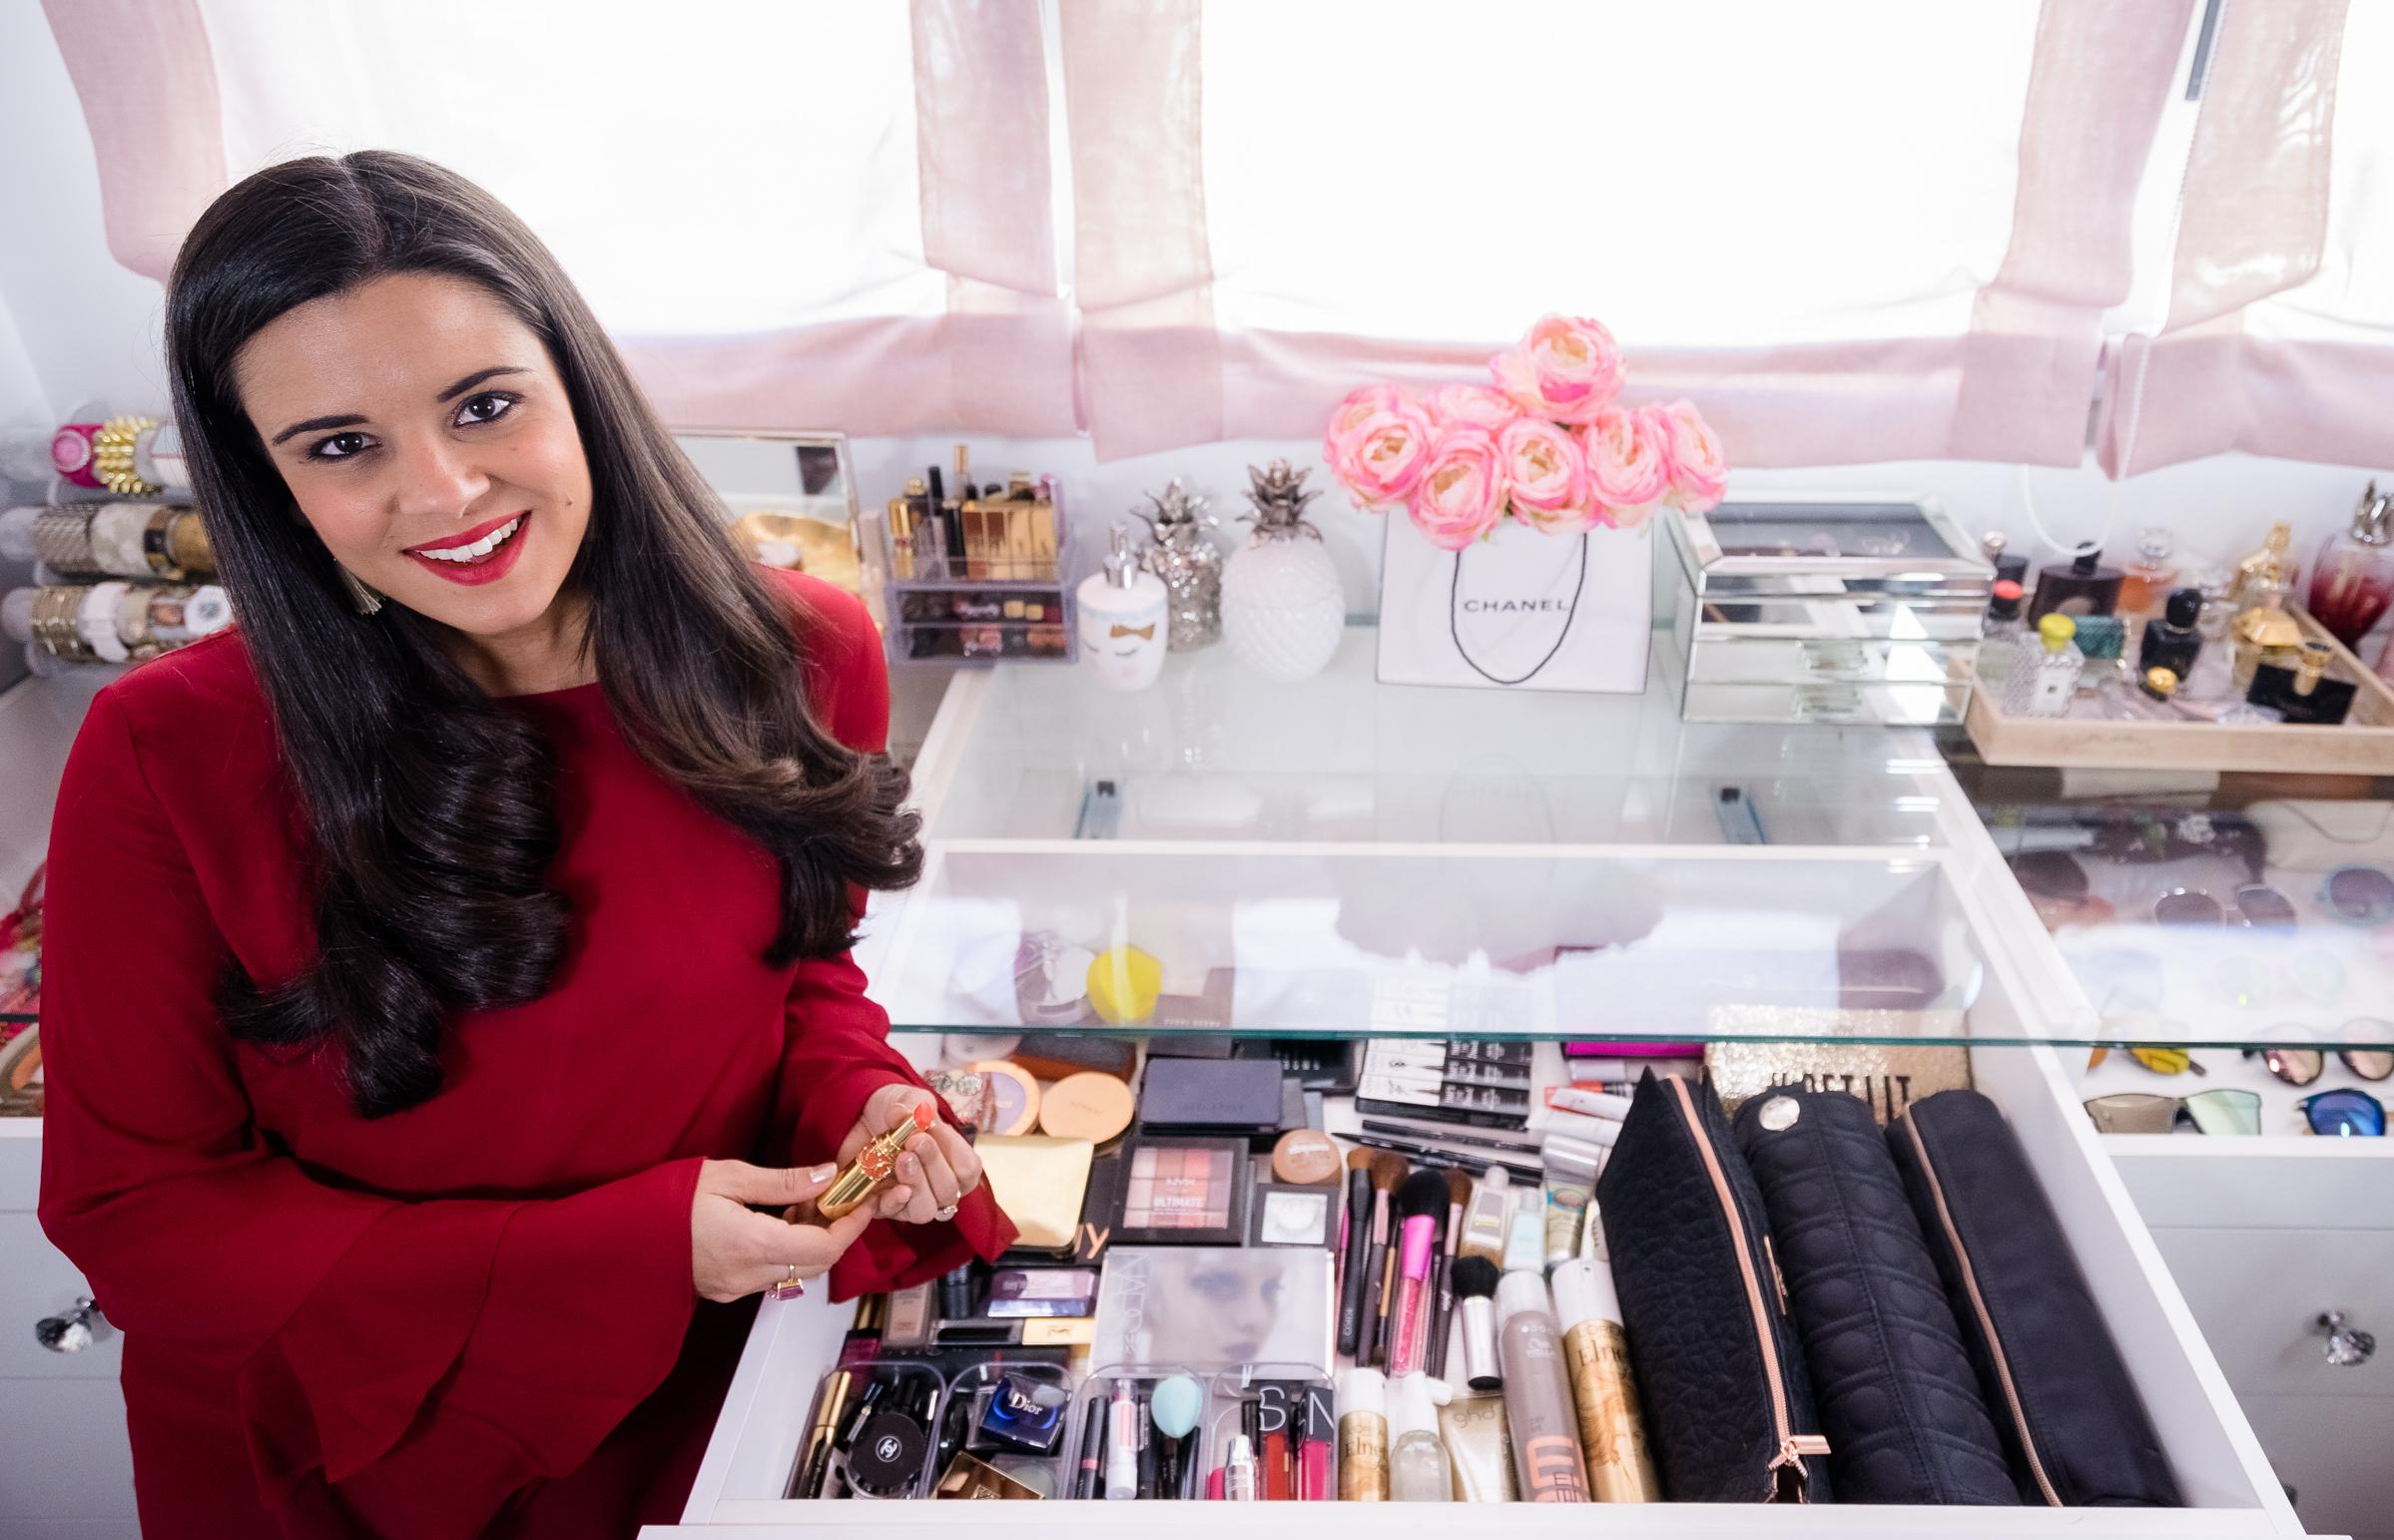 Video: mi colección de maquillaje-26345-crimenesdelamoda